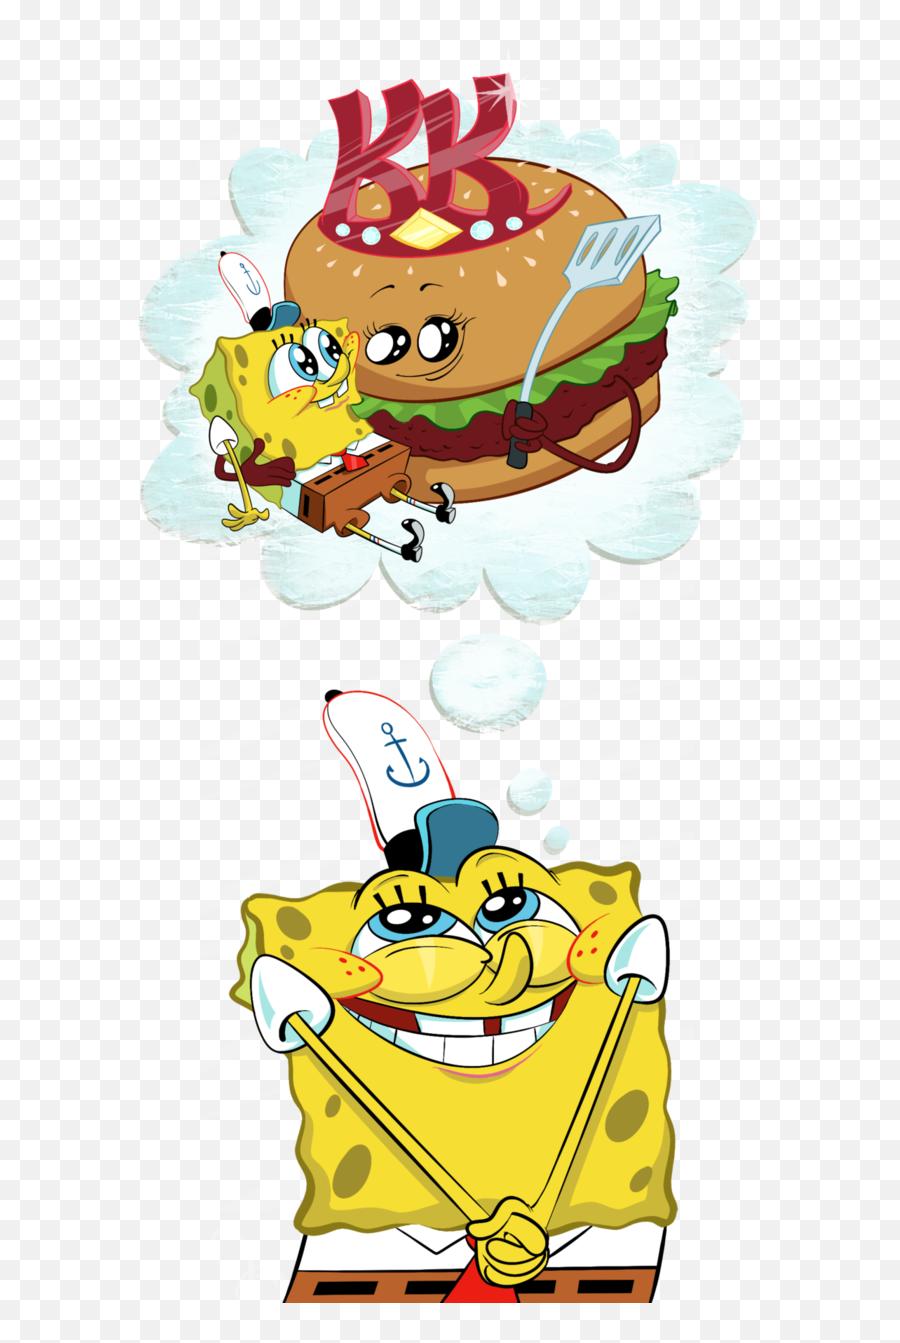 Krusty Krab Patty Queen - Spongebob Creature From The Krusty Krab Art Emoji,Spongebob Emoji Iphone